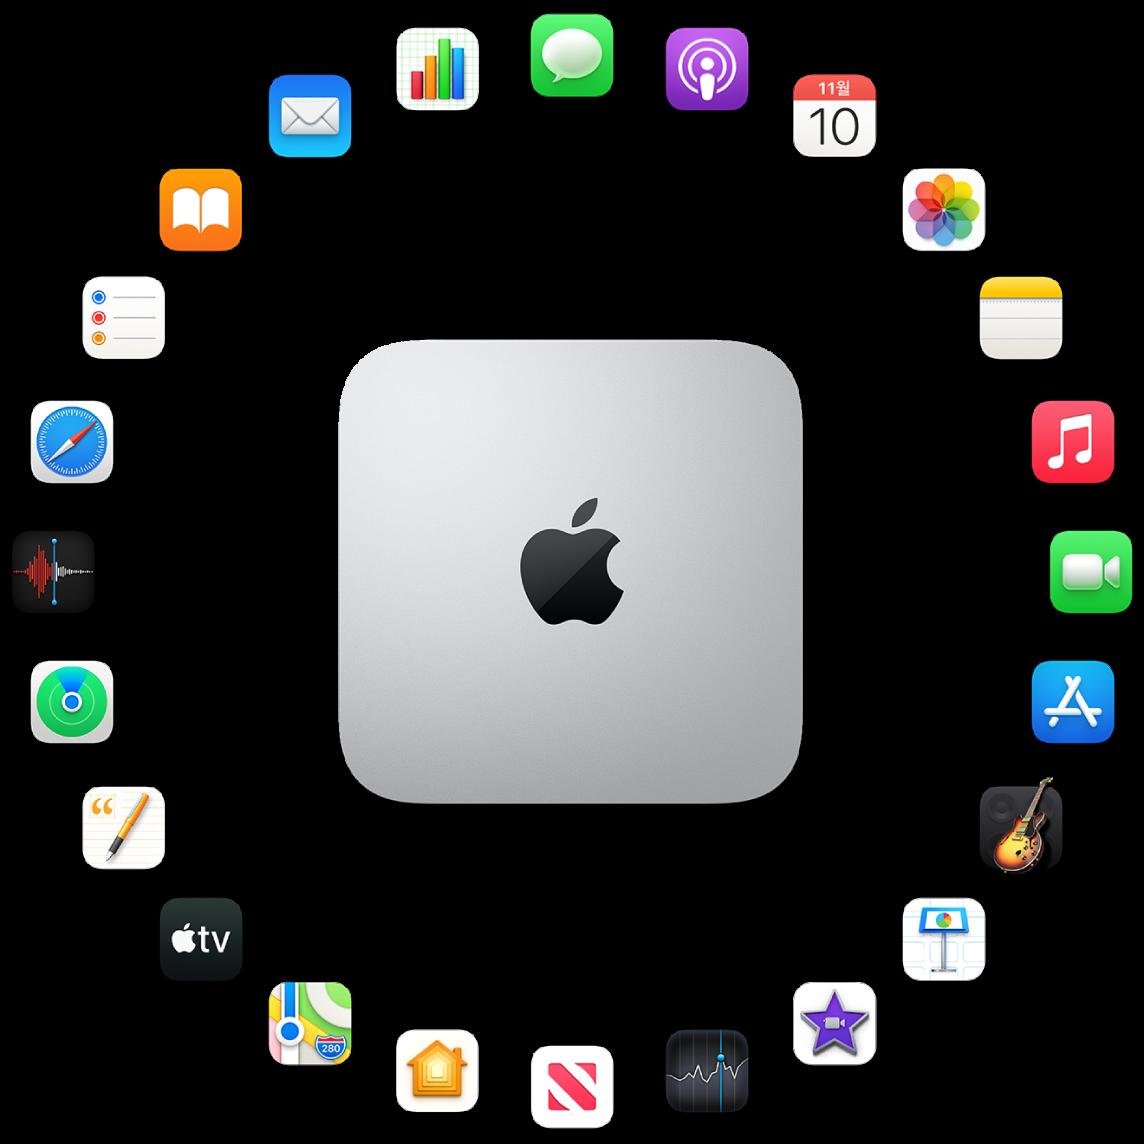 다음 섹션에서 설명하려는 내장 앱의 아이콘으로 둘러싸여 있는 Macmini.